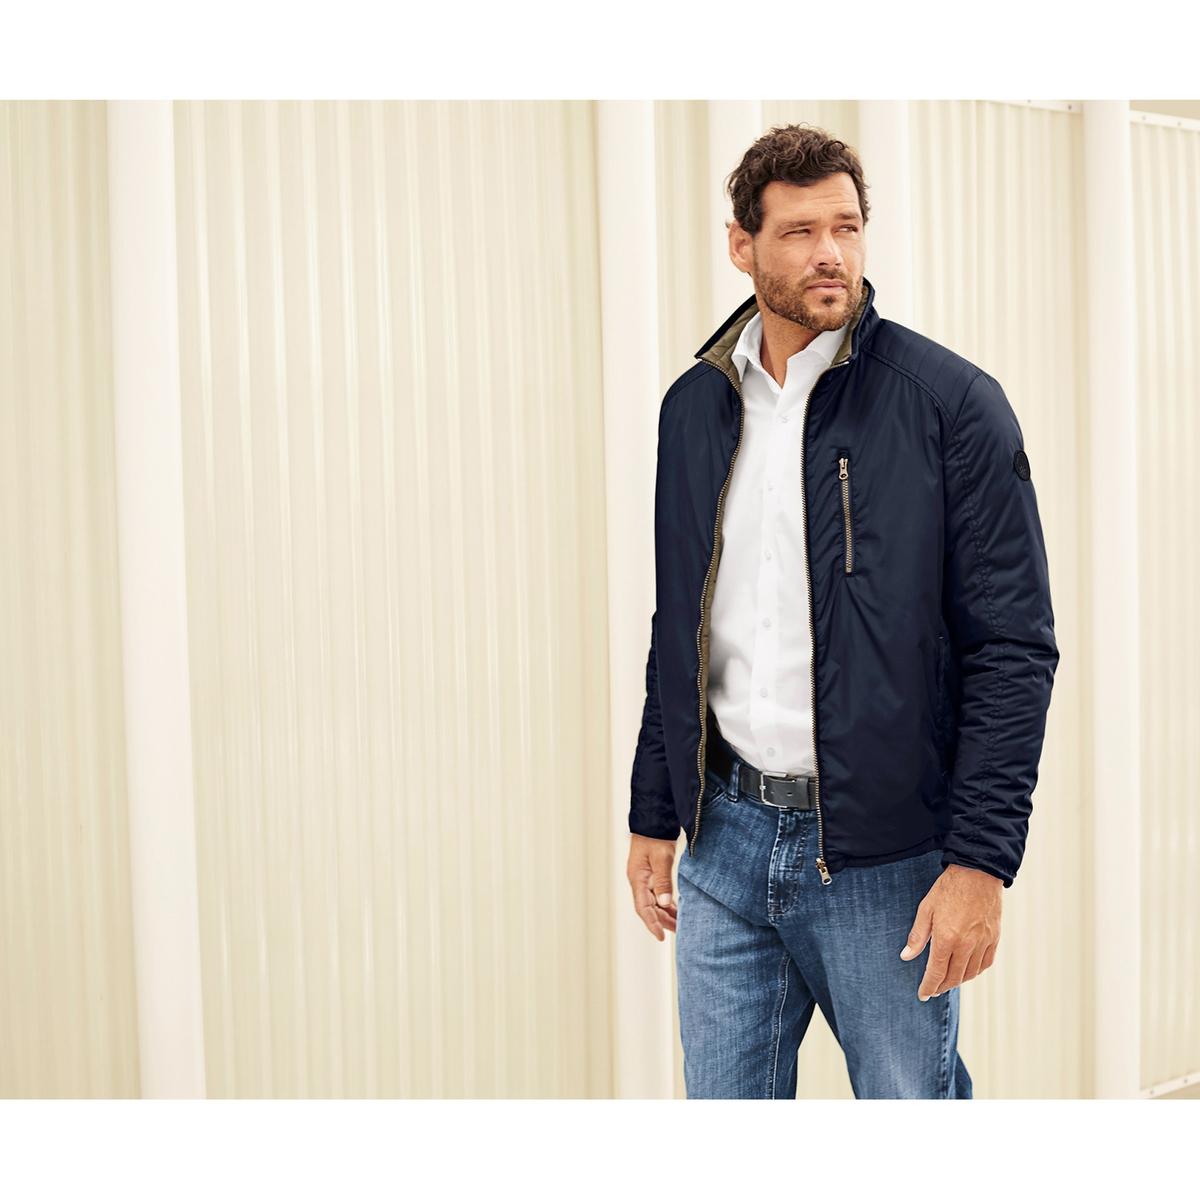 Куртка двусторонняяДвусторонняя куртка - 1 сторона гладкая, 1 сторона стеганая.Спортивный стиль, прямой воротник, застежка на молнию, 2 кармана на молнии, края на резинке. Длина в зависимости от размера 70-79,5 см<br><br>Цвет: темно-синий<br>Размер: 7XL.XXL